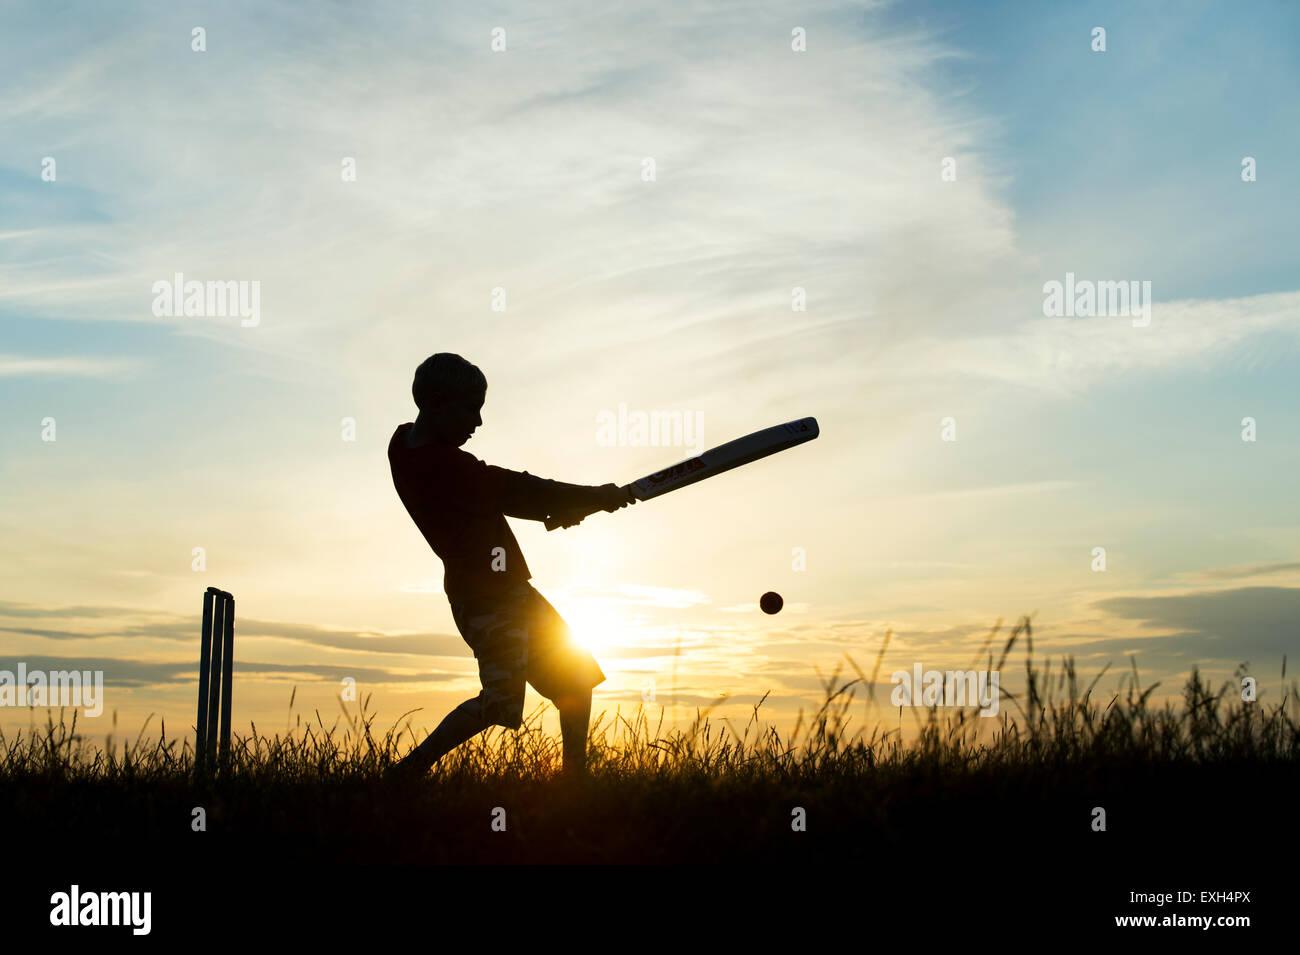 Silhouette di un giovane ragazzo a giocare a cricket contro un sfondo al tramonto Immagini Stock